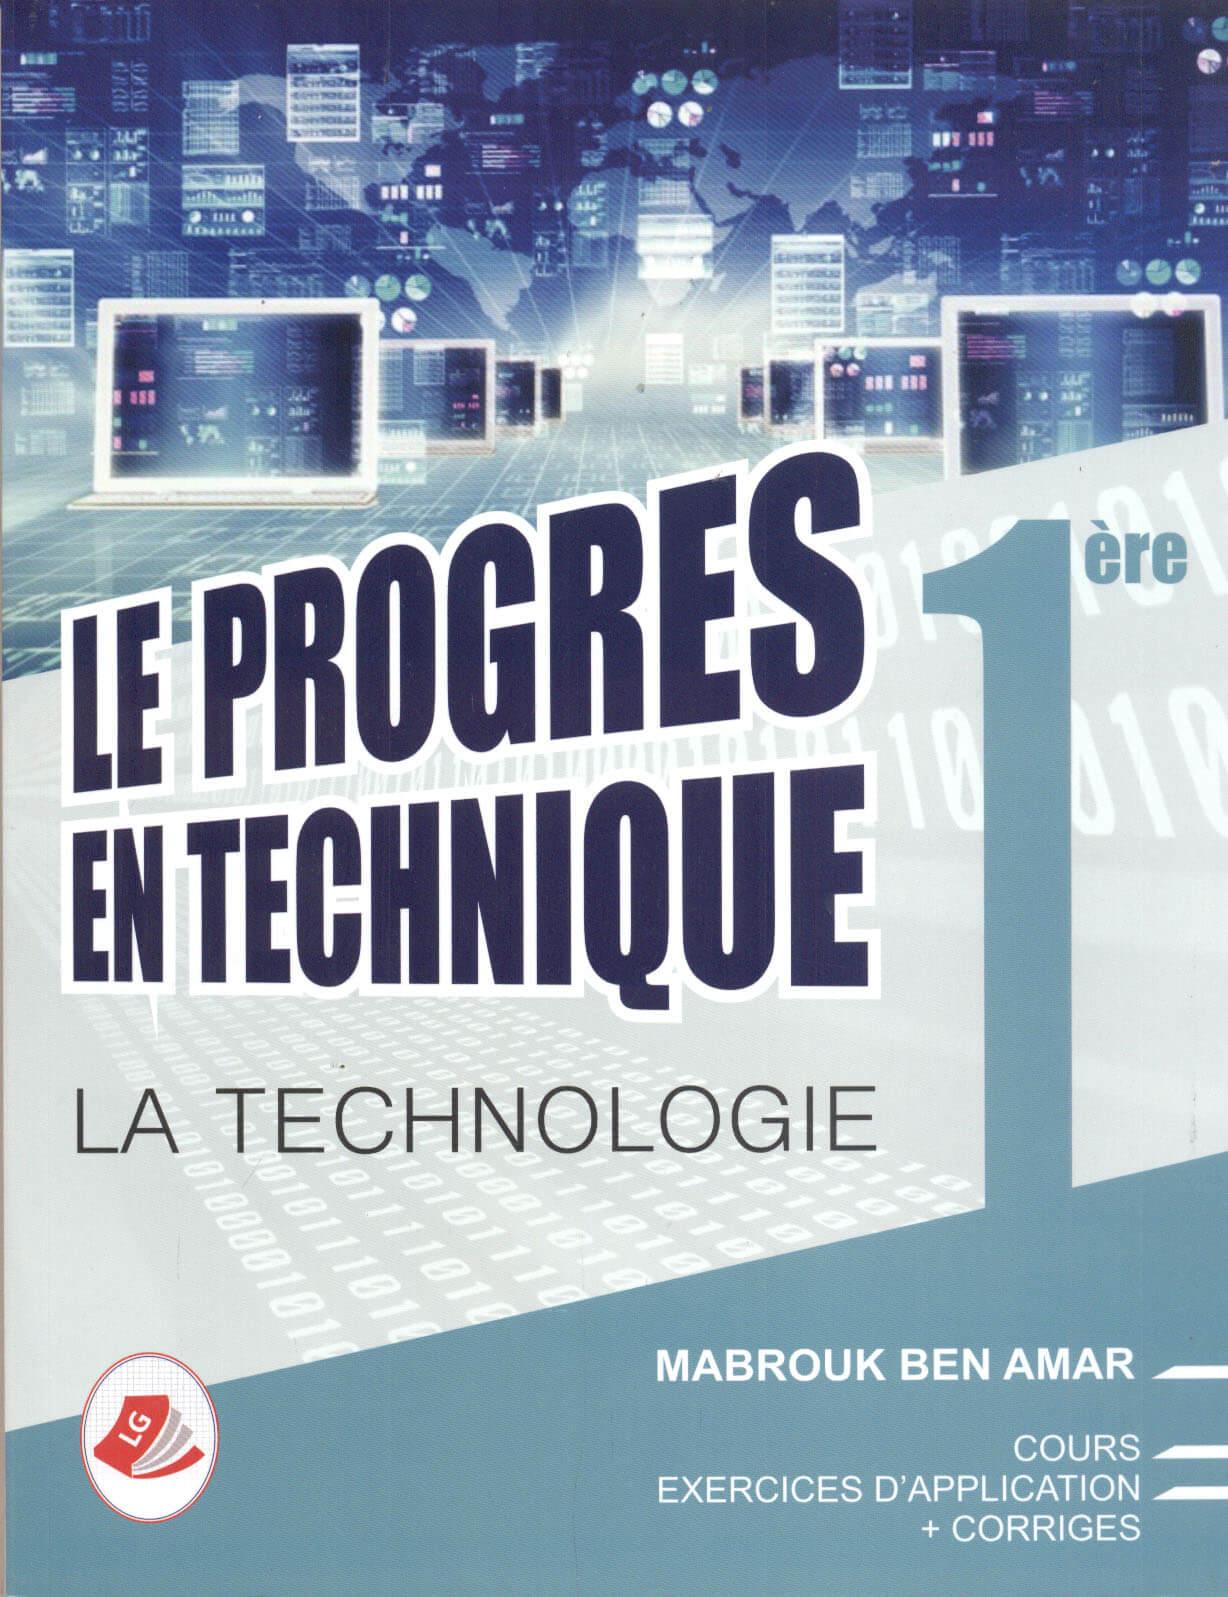 LE PROGRES EN TECHNIQUE 1ERE ANNEE LA TECHNOLOGIE